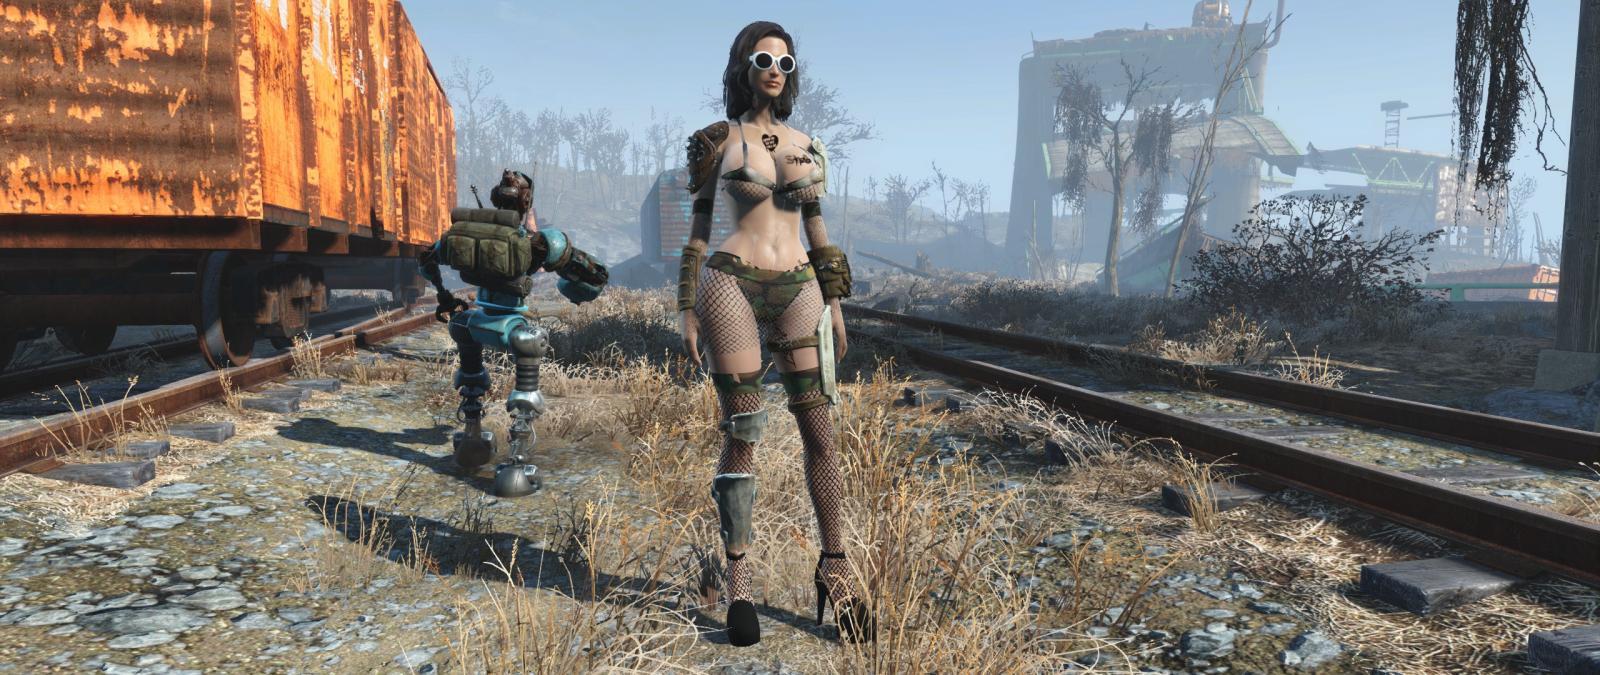 Fallout 4 Combat Lingerie